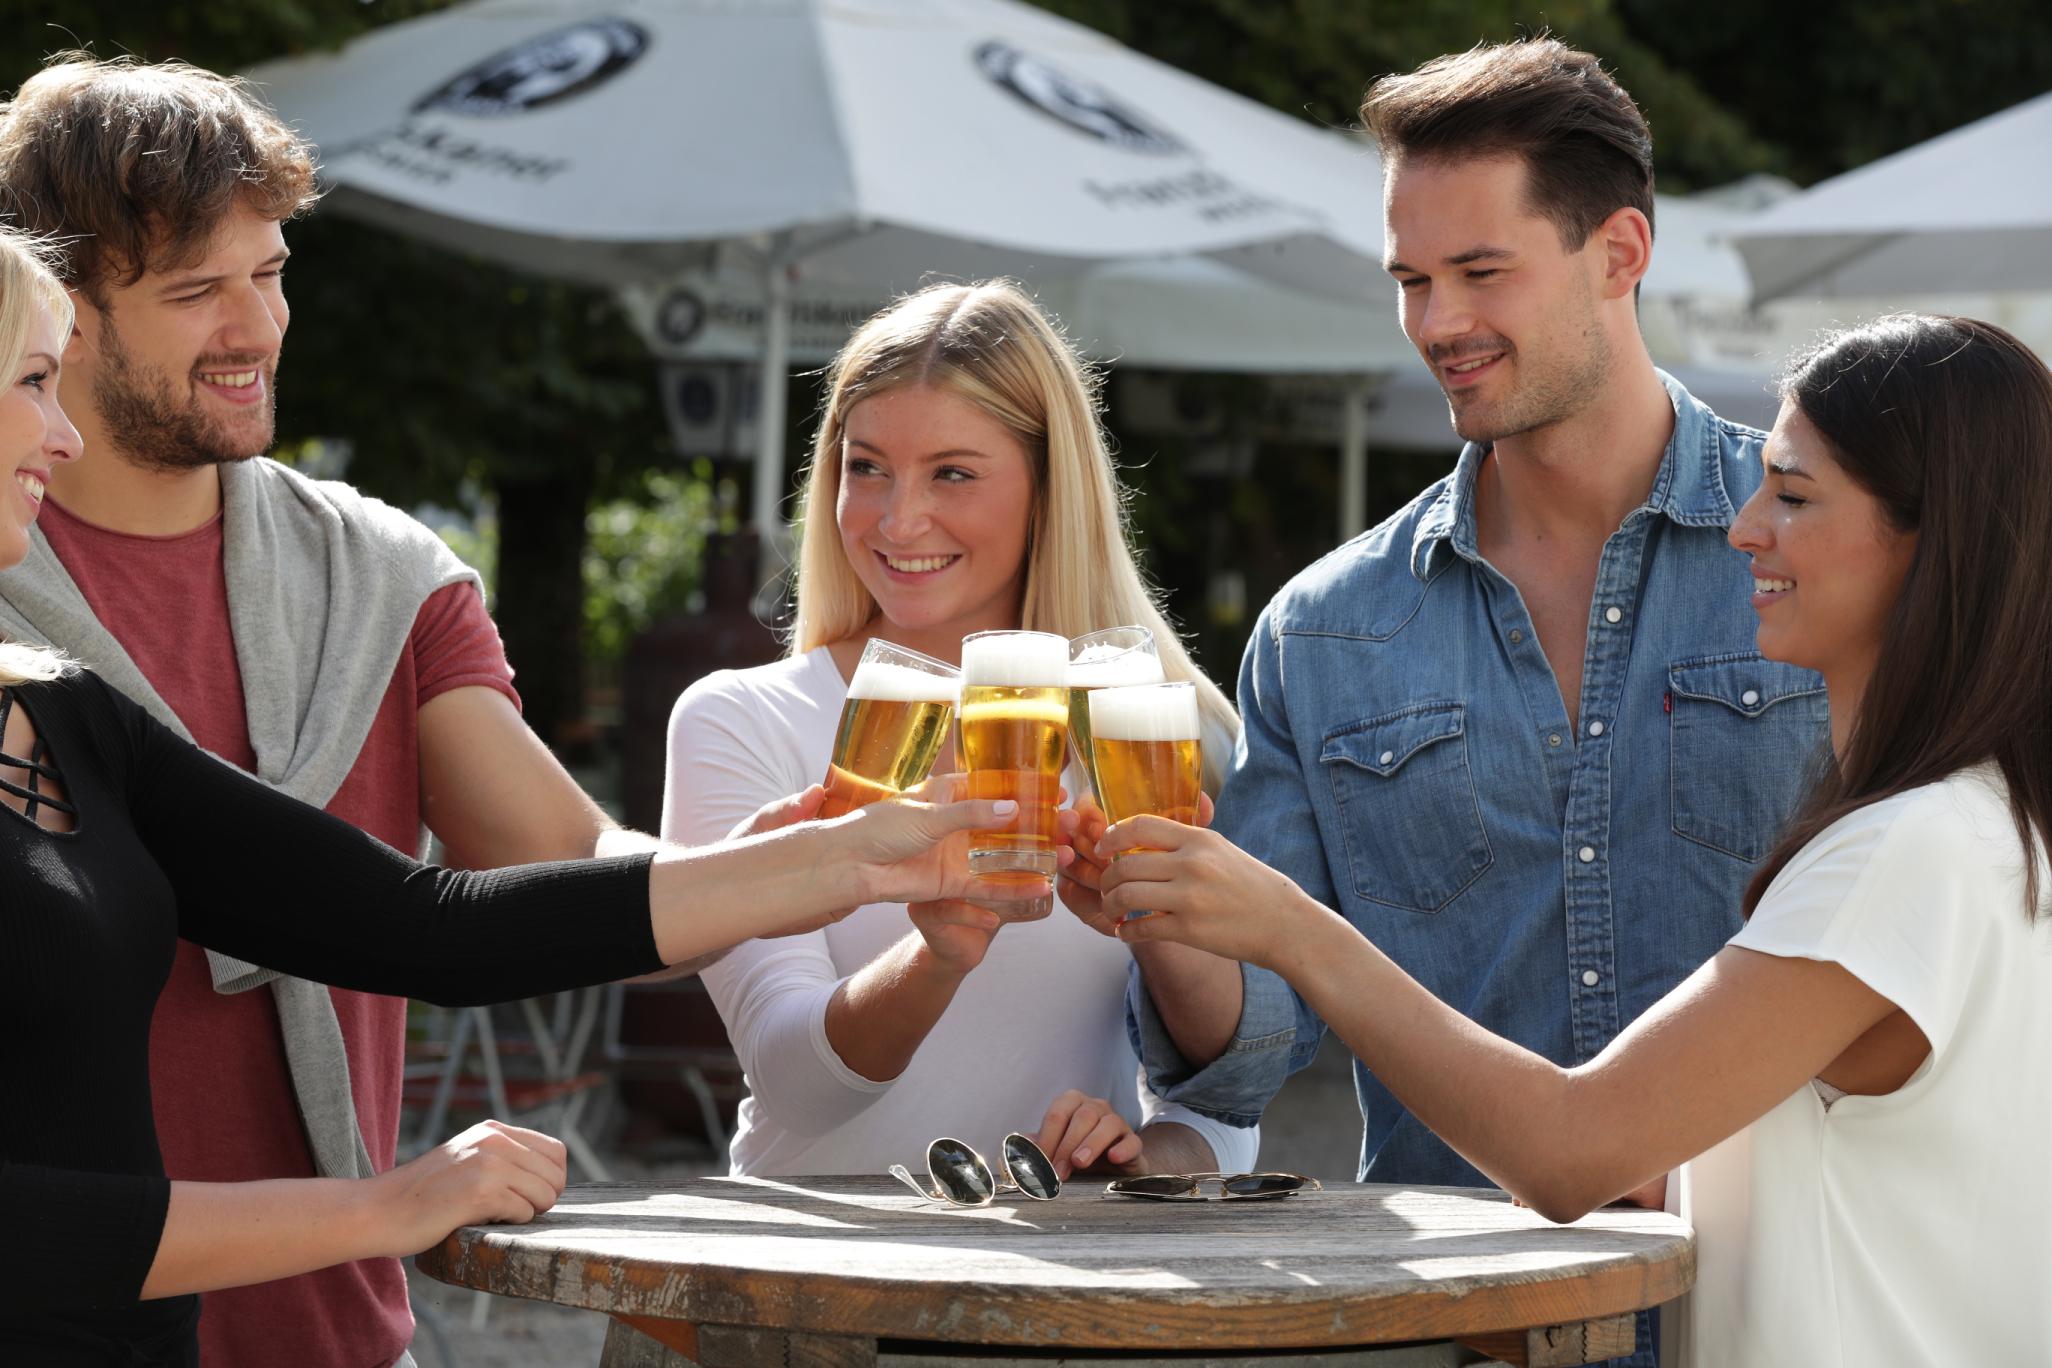 Alkoholfrei weiter auf Wachstumskurs